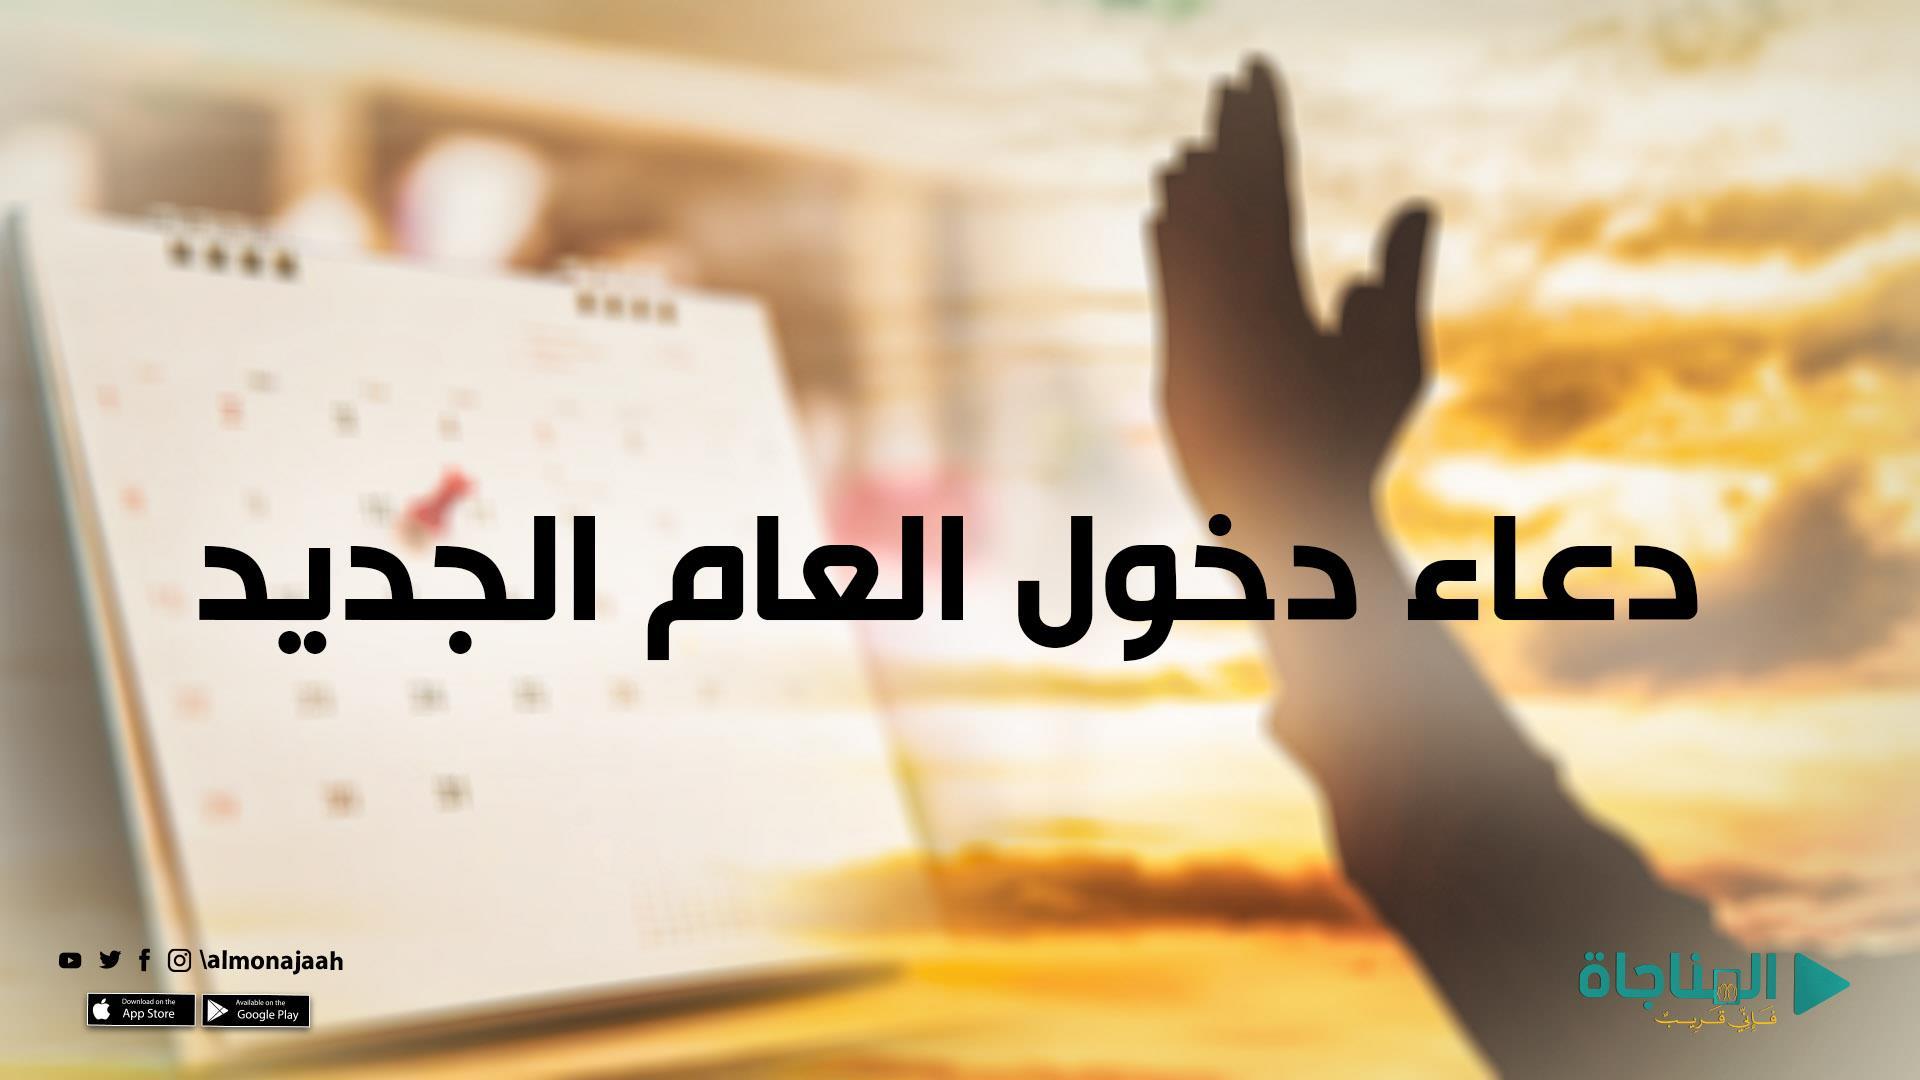 دعاء أول العام ِ الجديد  منصة المناجاة الرقمية